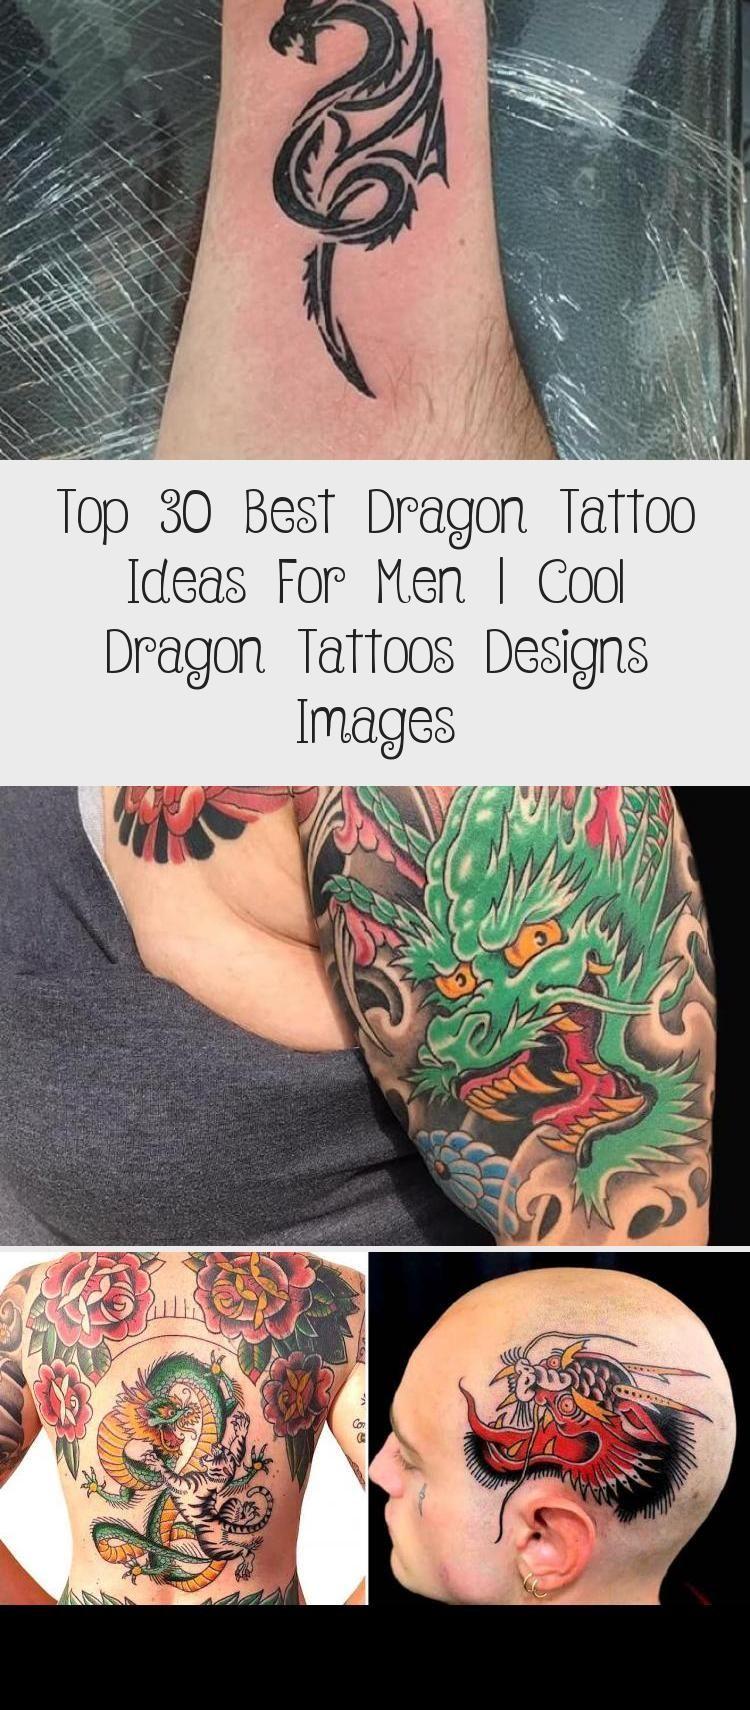 Photo of Flying Dragon Tattoo on Arm – Die 30 besten Tattoo-Ideen für Drachen für Männer   Cooler Drache …